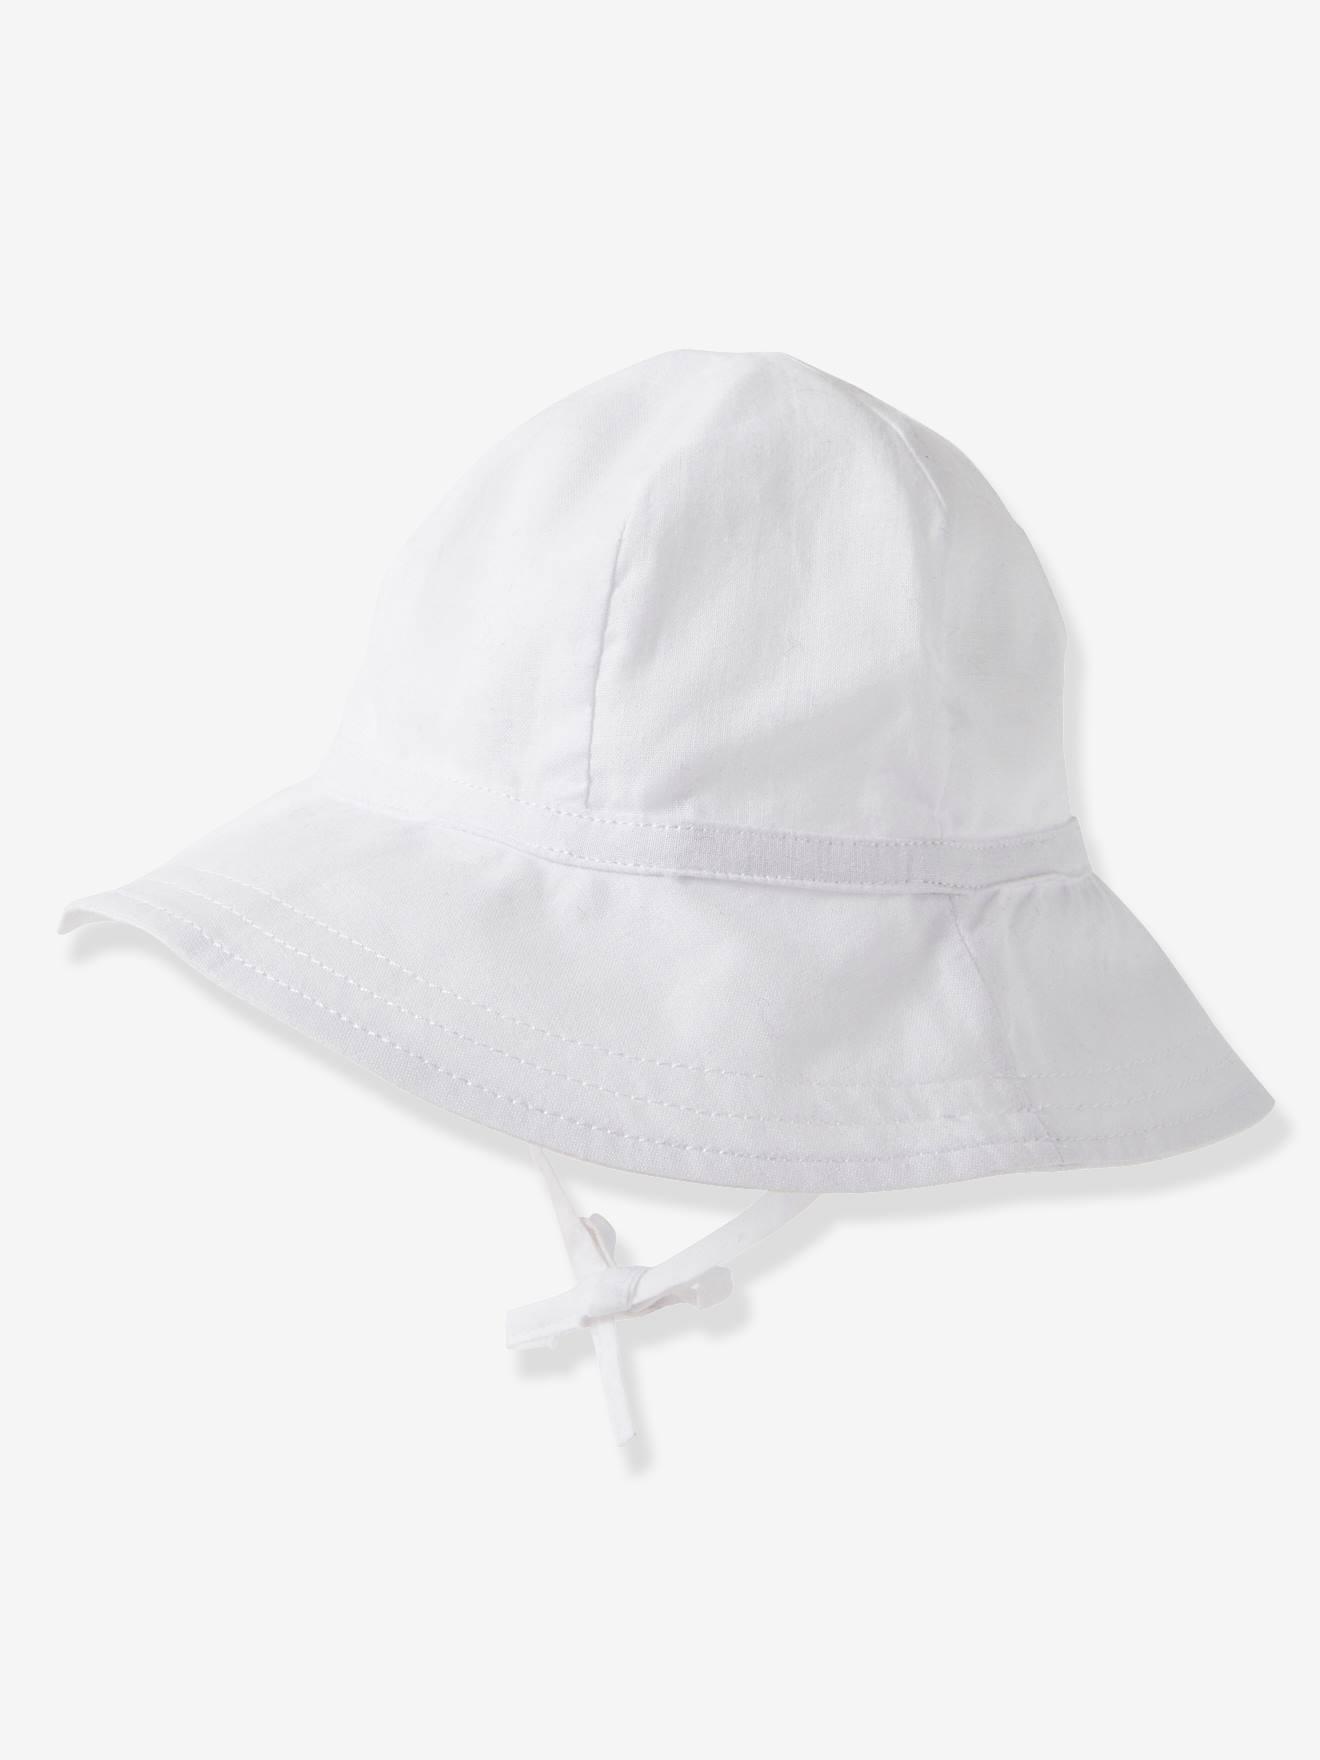 ANIMQUE Fille Chapeau de Soleil Grand Bord Anti UV B/éb/é Enfants Coton Chapeau d/ét/é Respirant Mignon Chapeau de P/êcheur Plage Vacances 0-8ans Tour de t/ête 44//54cm